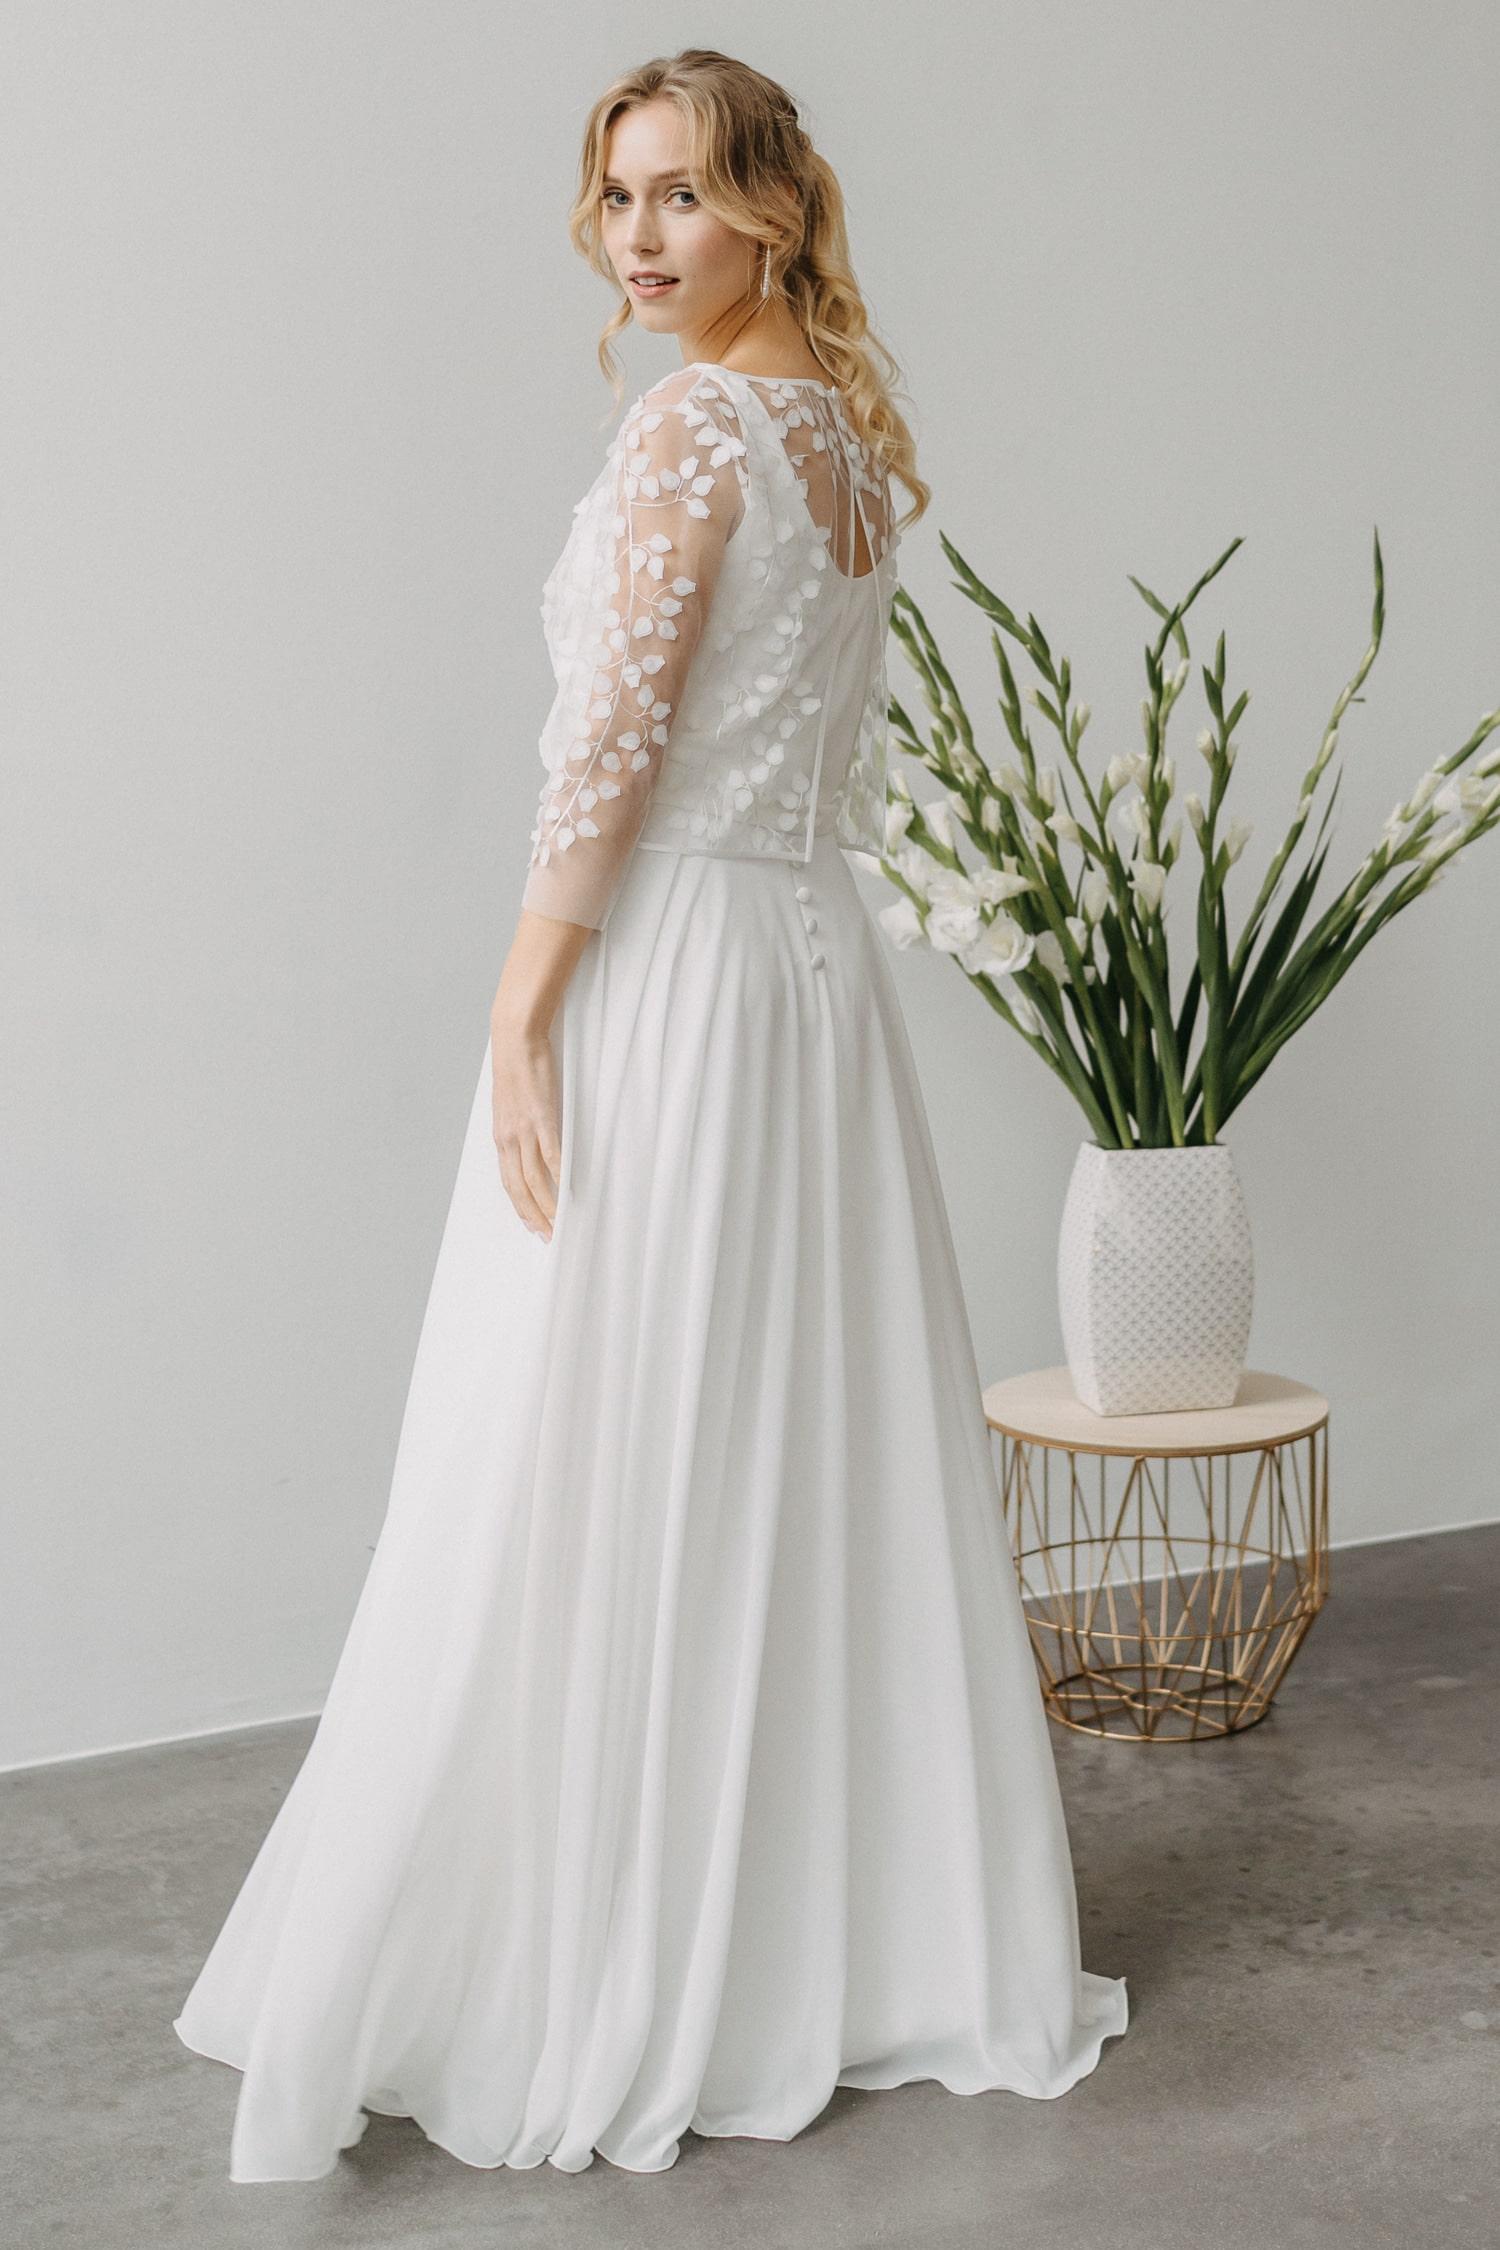 Langes Hochzeitskleid mit austauschbarem Rock – gesehen bei frauimmer-herrewig.de